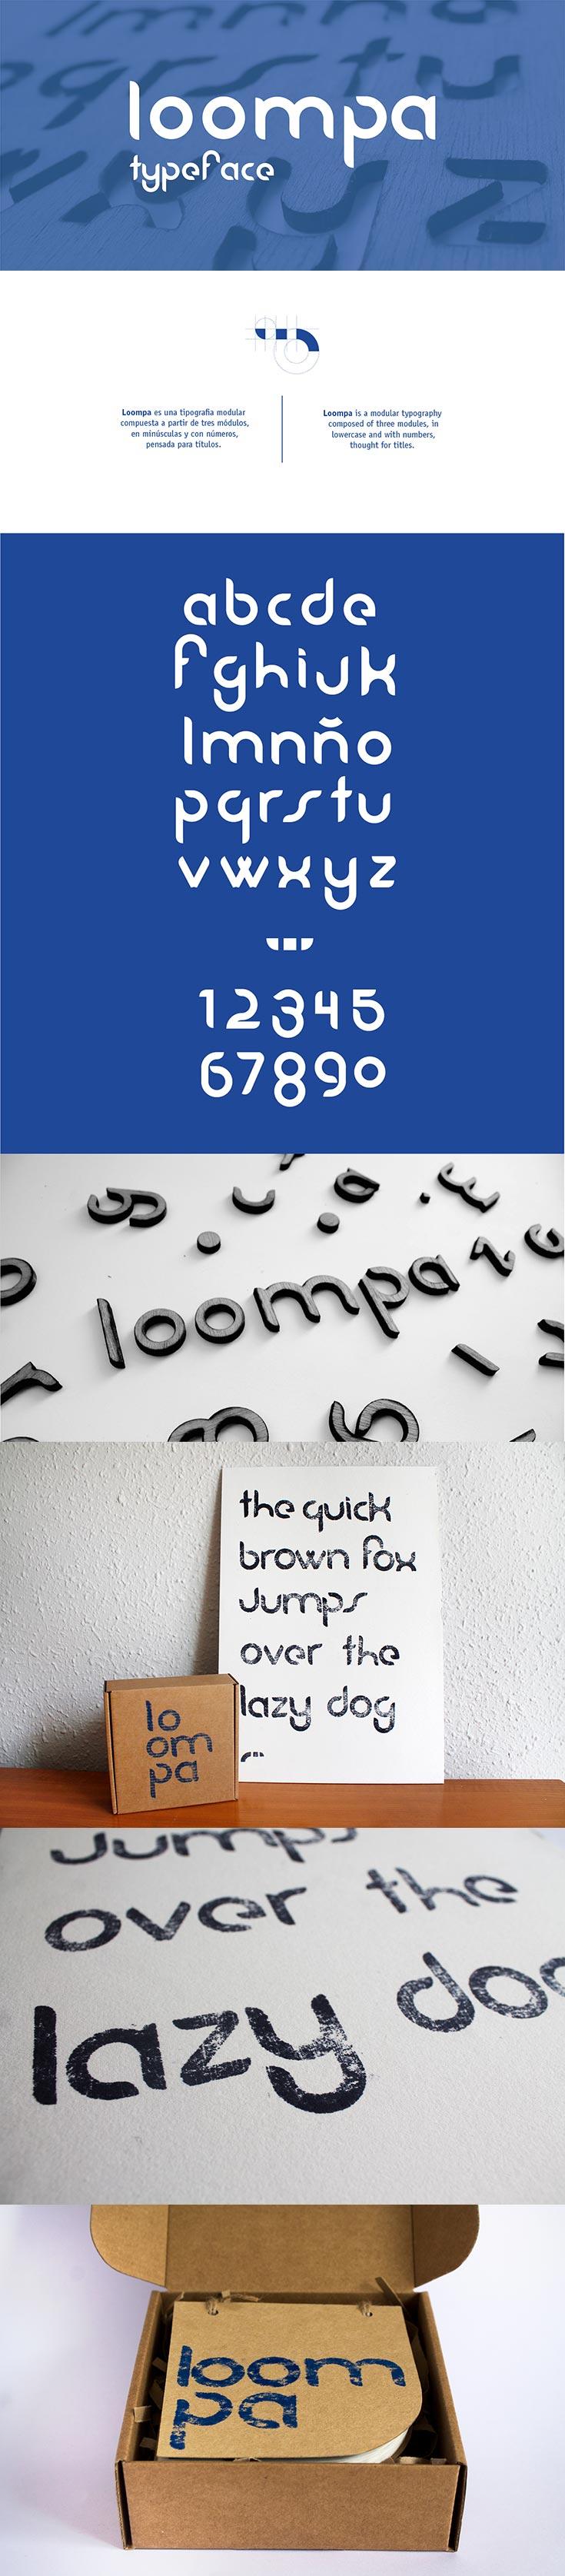 Free Loompa Font